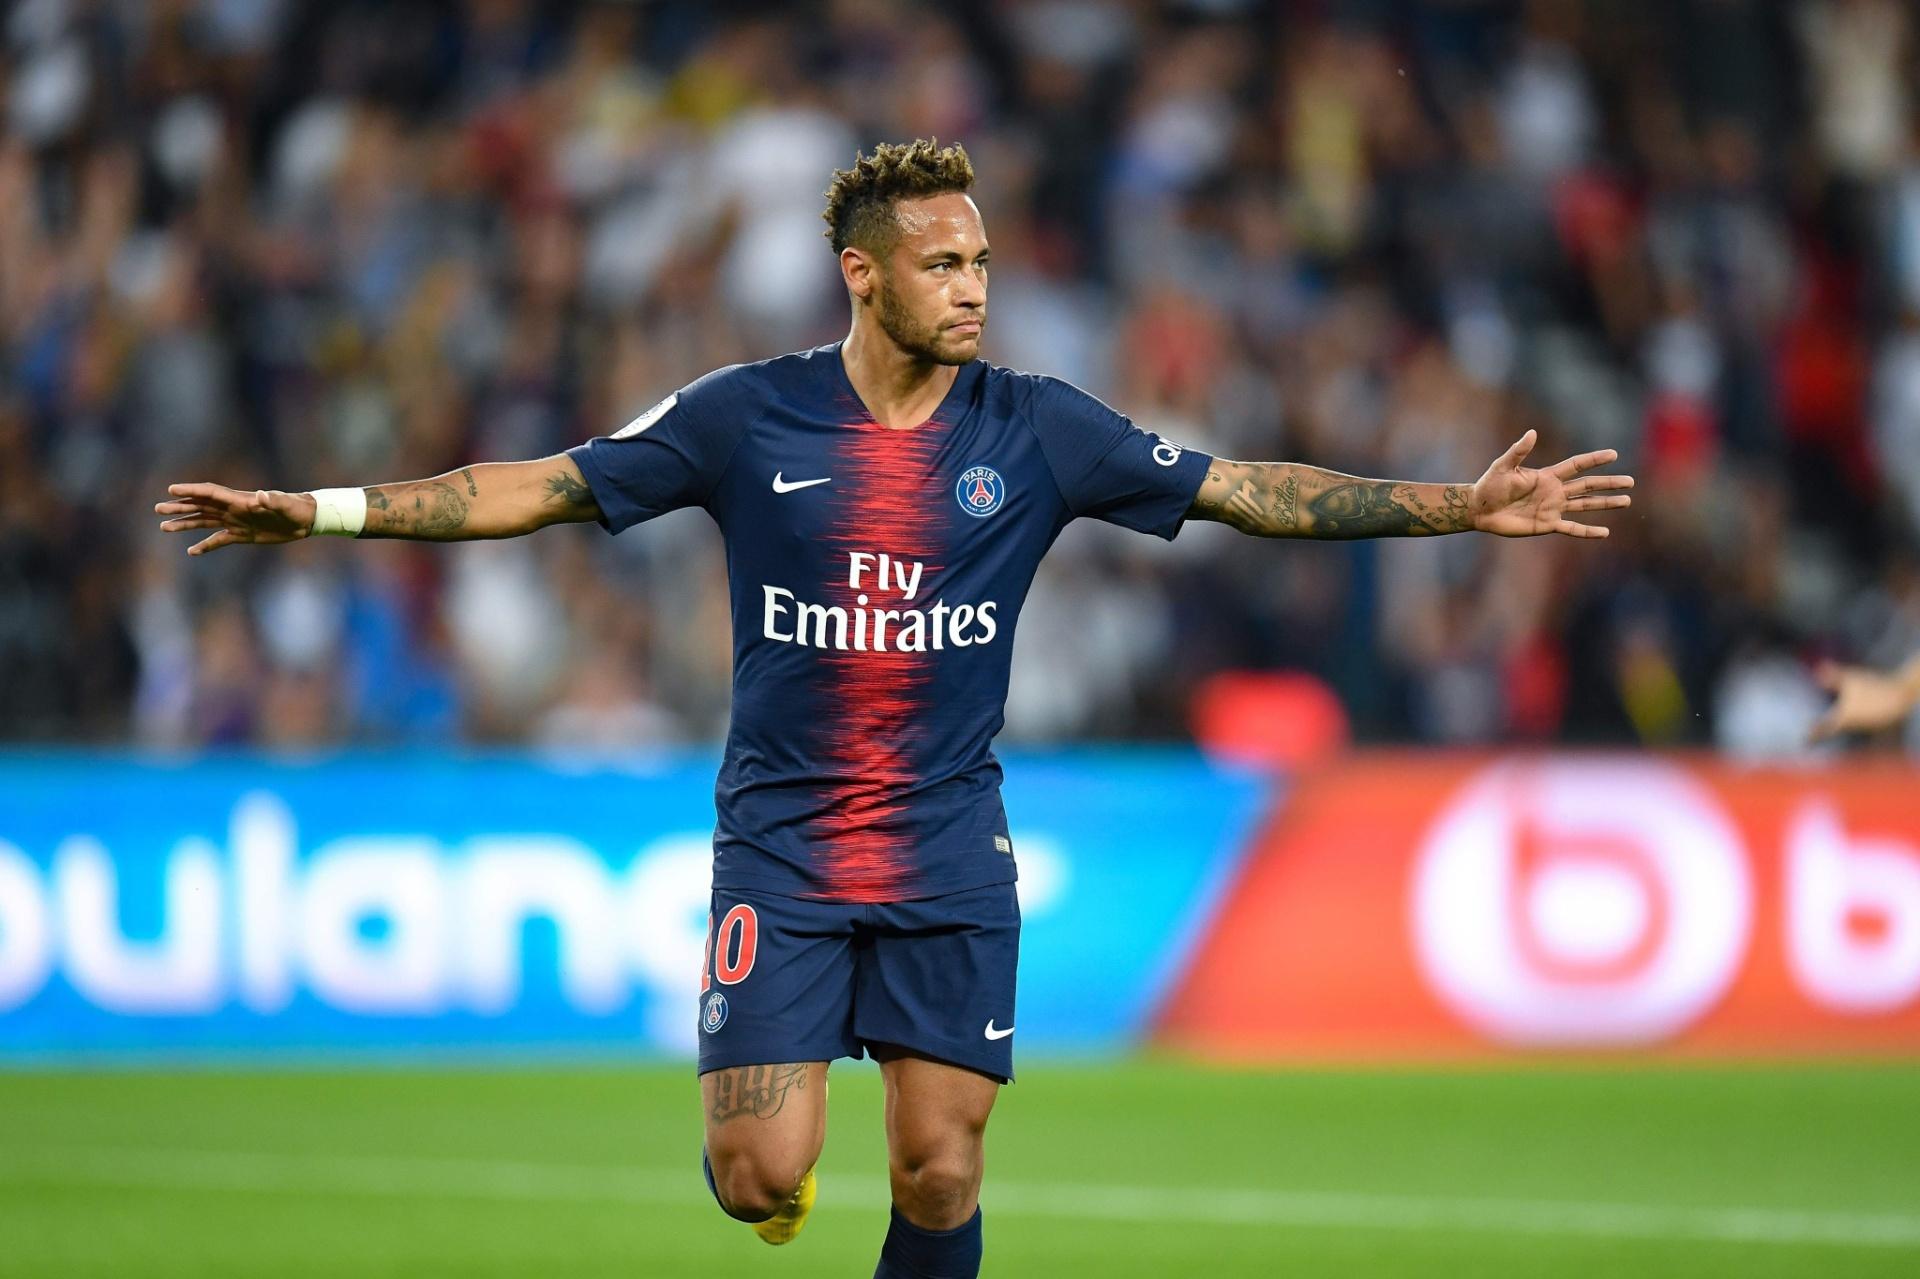 Aps jogo neymar atacado por torcedor e tem reao surpreendente neymar joga pelo psg foto reproduo stopboris Image collections